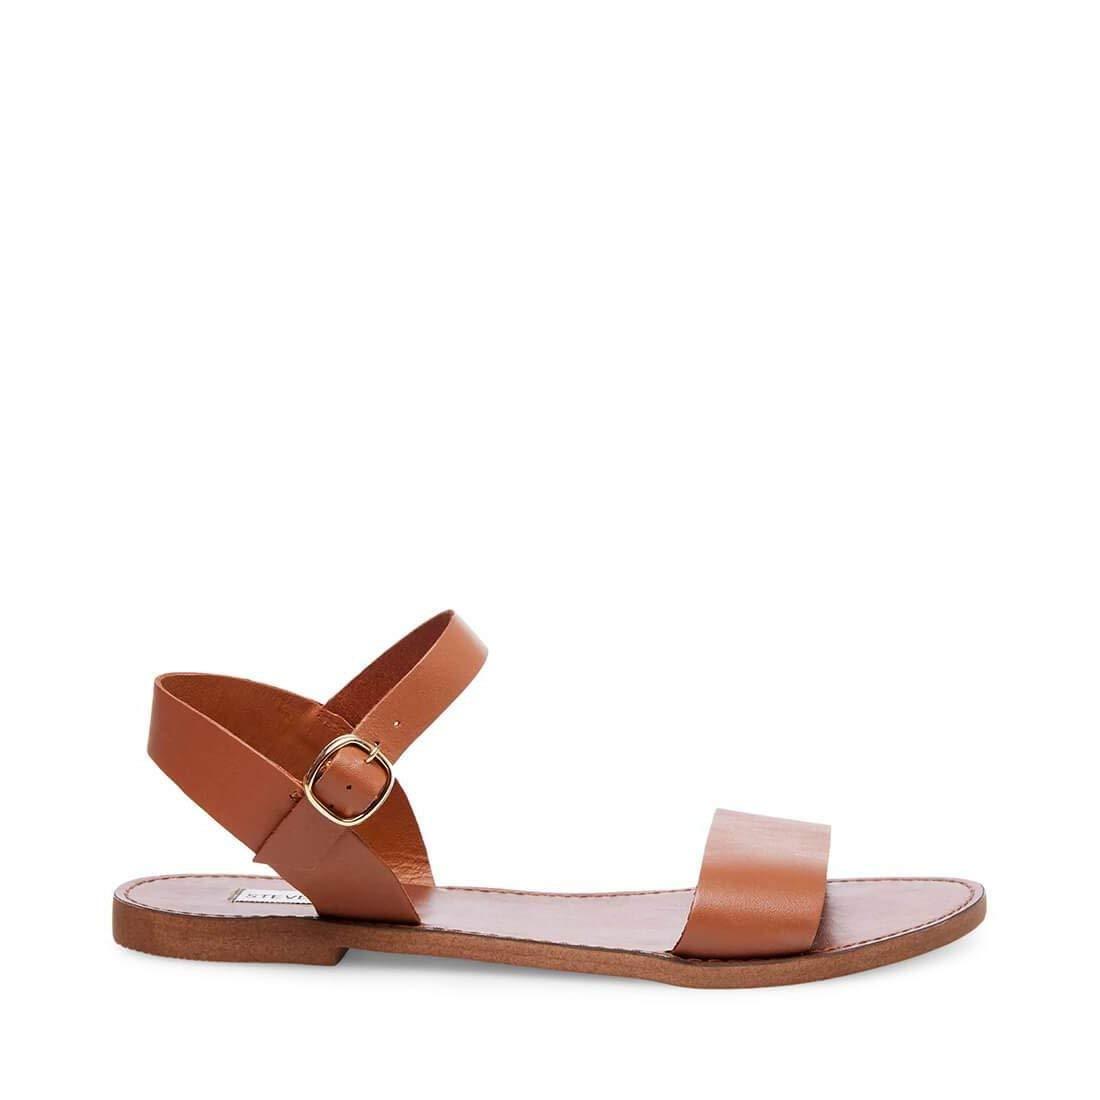 Steve Madden Women's Donddi Dress Sandal, Tan Leather, 8 M US by Steve Madden